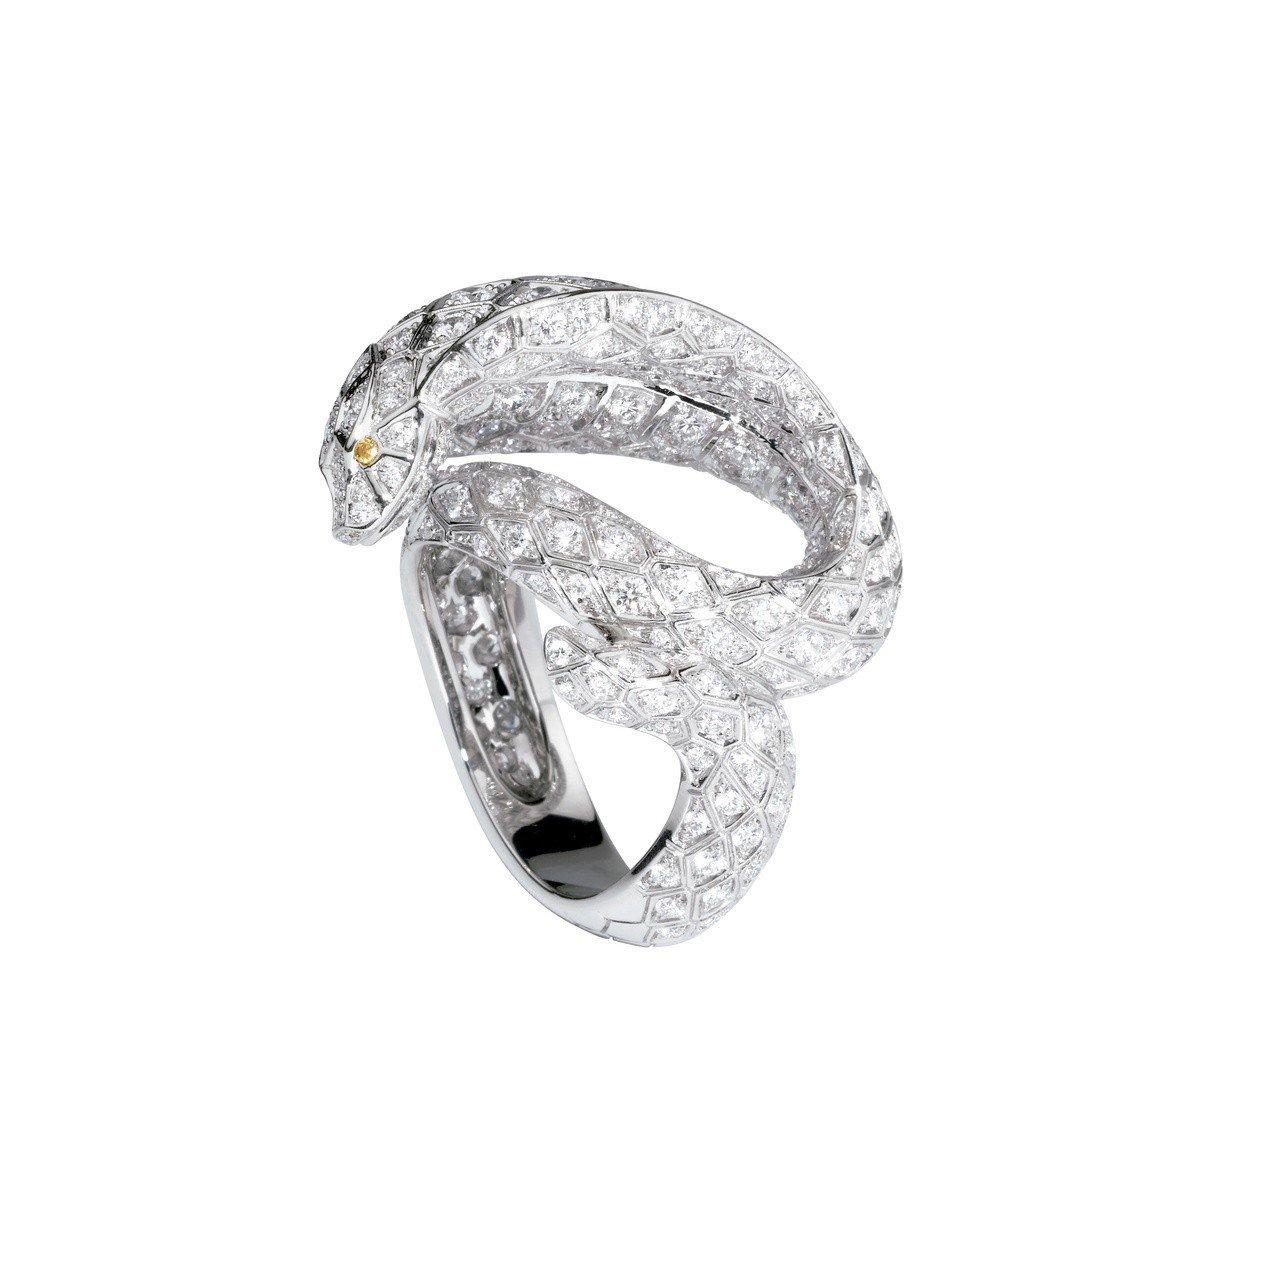 卡地亞頂級珠寶系列蛇行造形鑽石戒指,鉑金鑲嵌圓形明亮式切割鑽石,圓形明亮式切割褐...